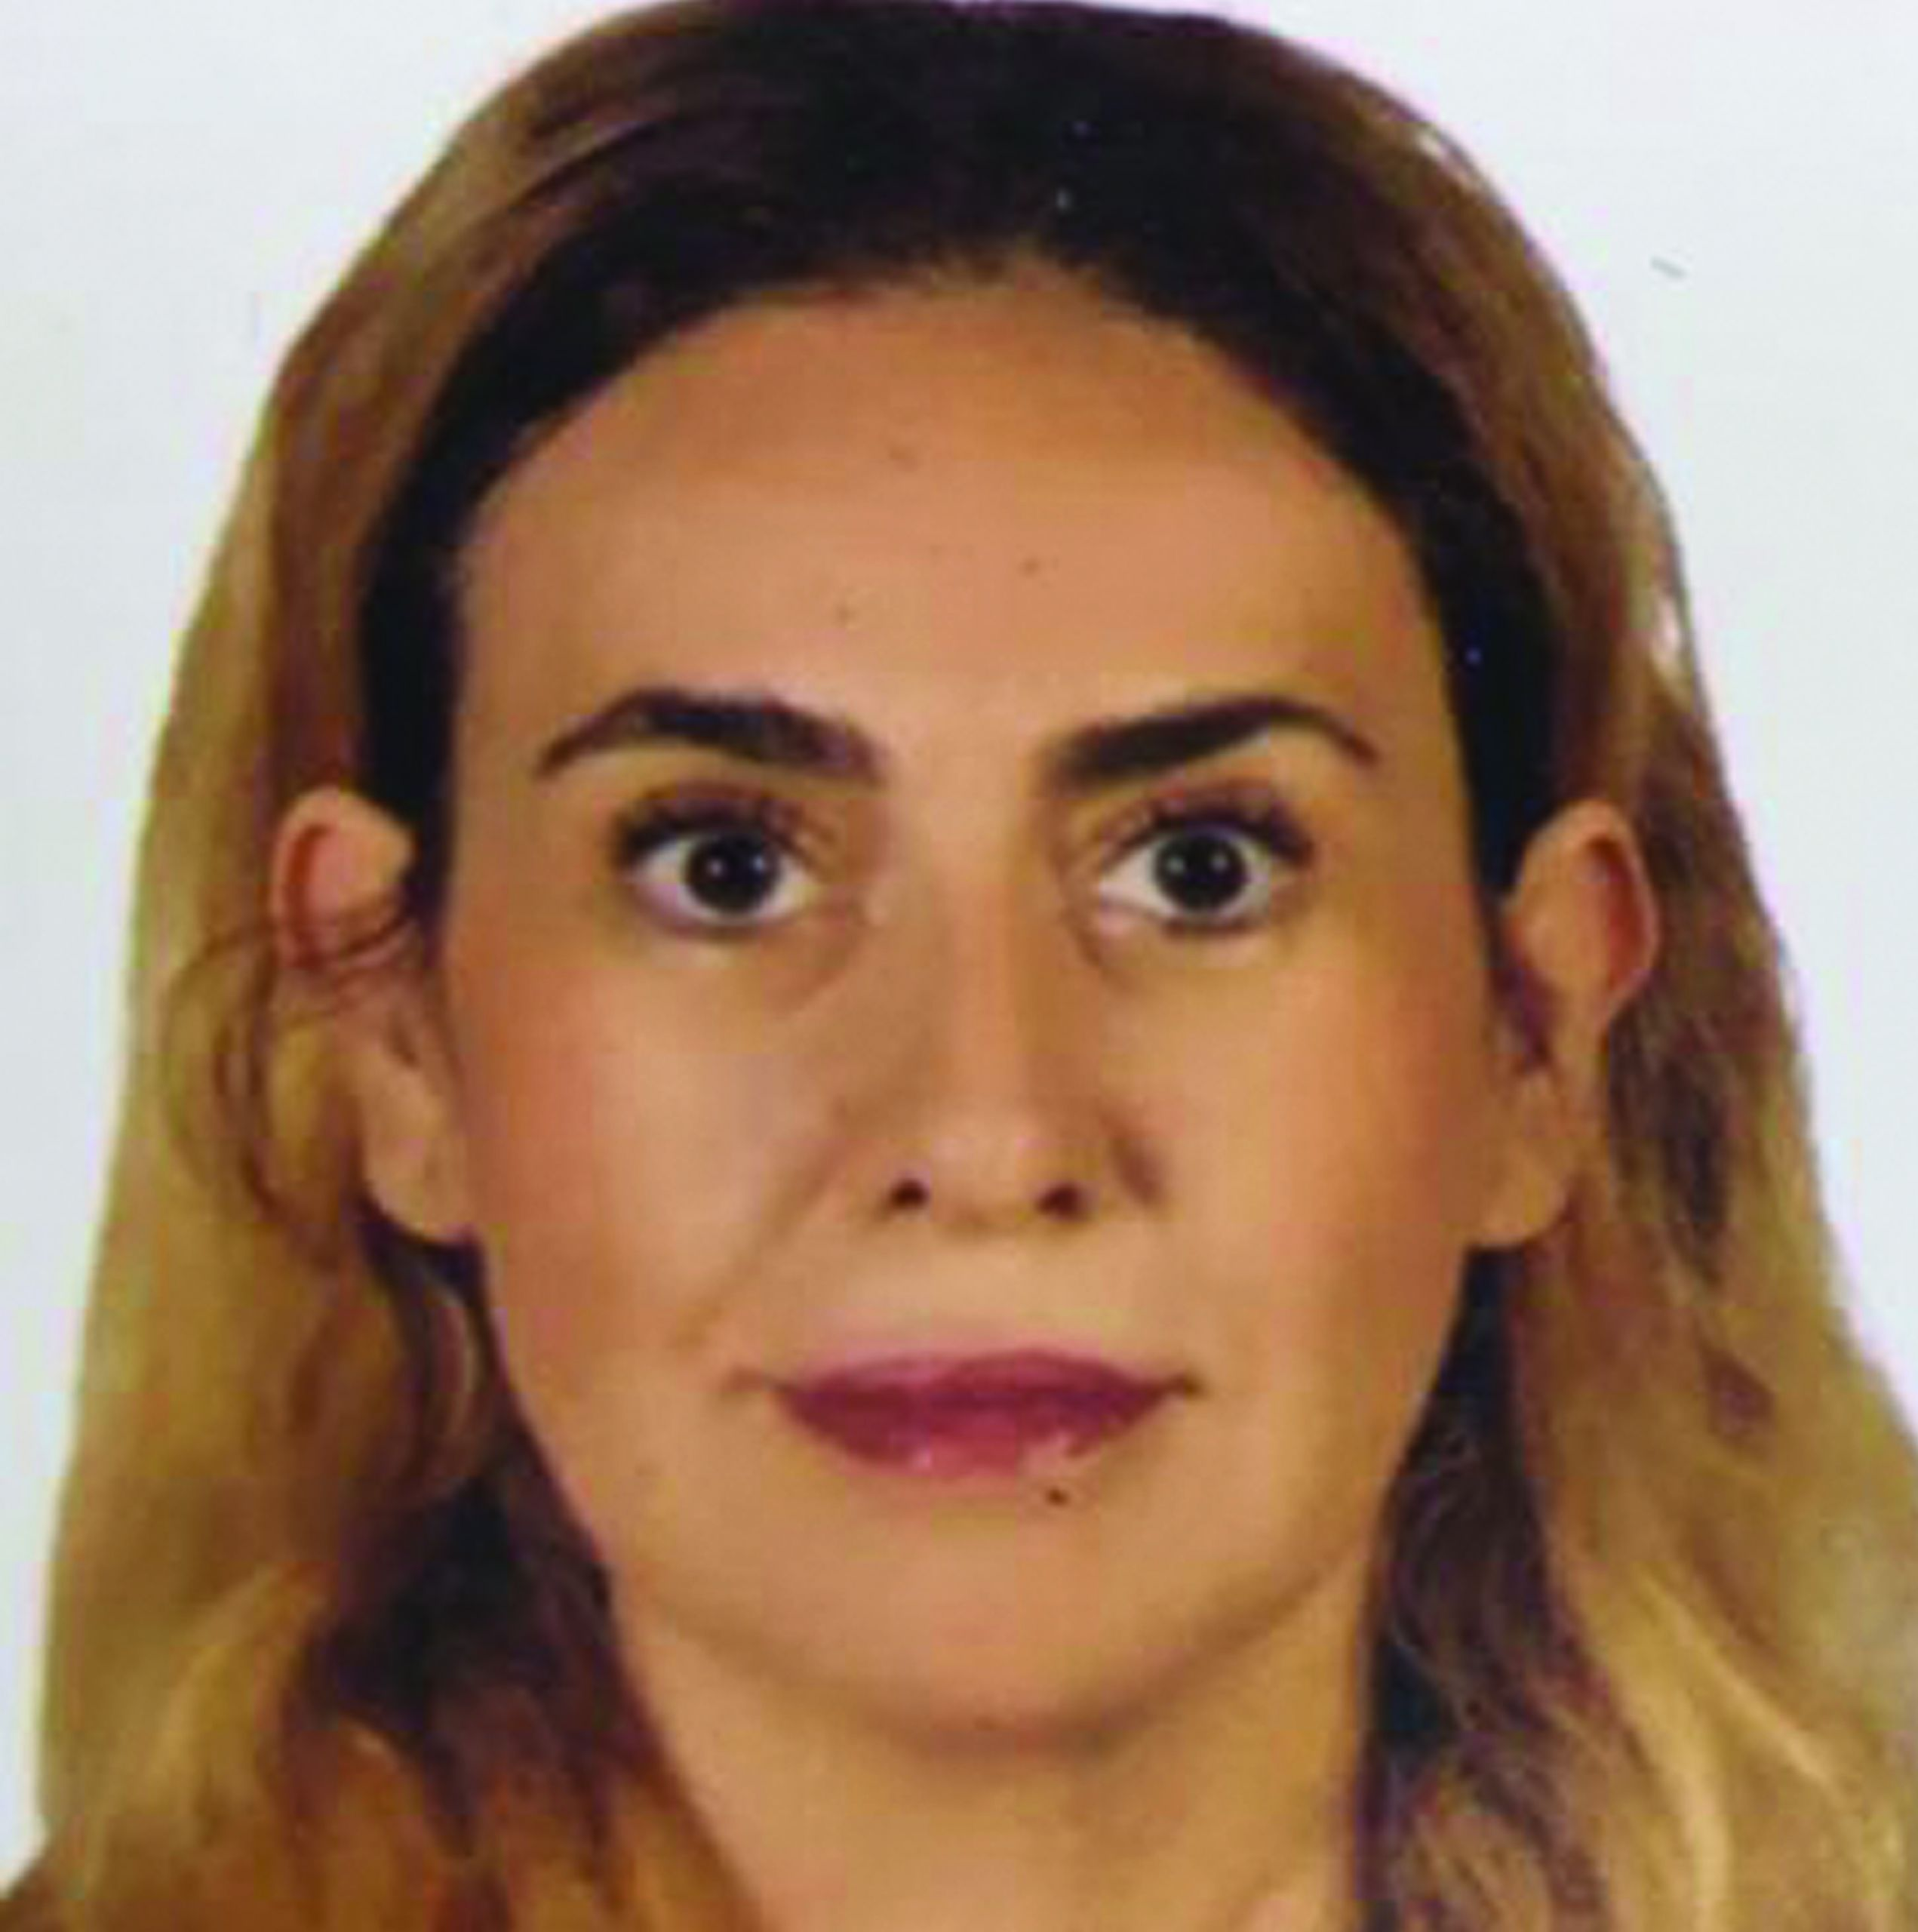 Nezihe Izmiroglu